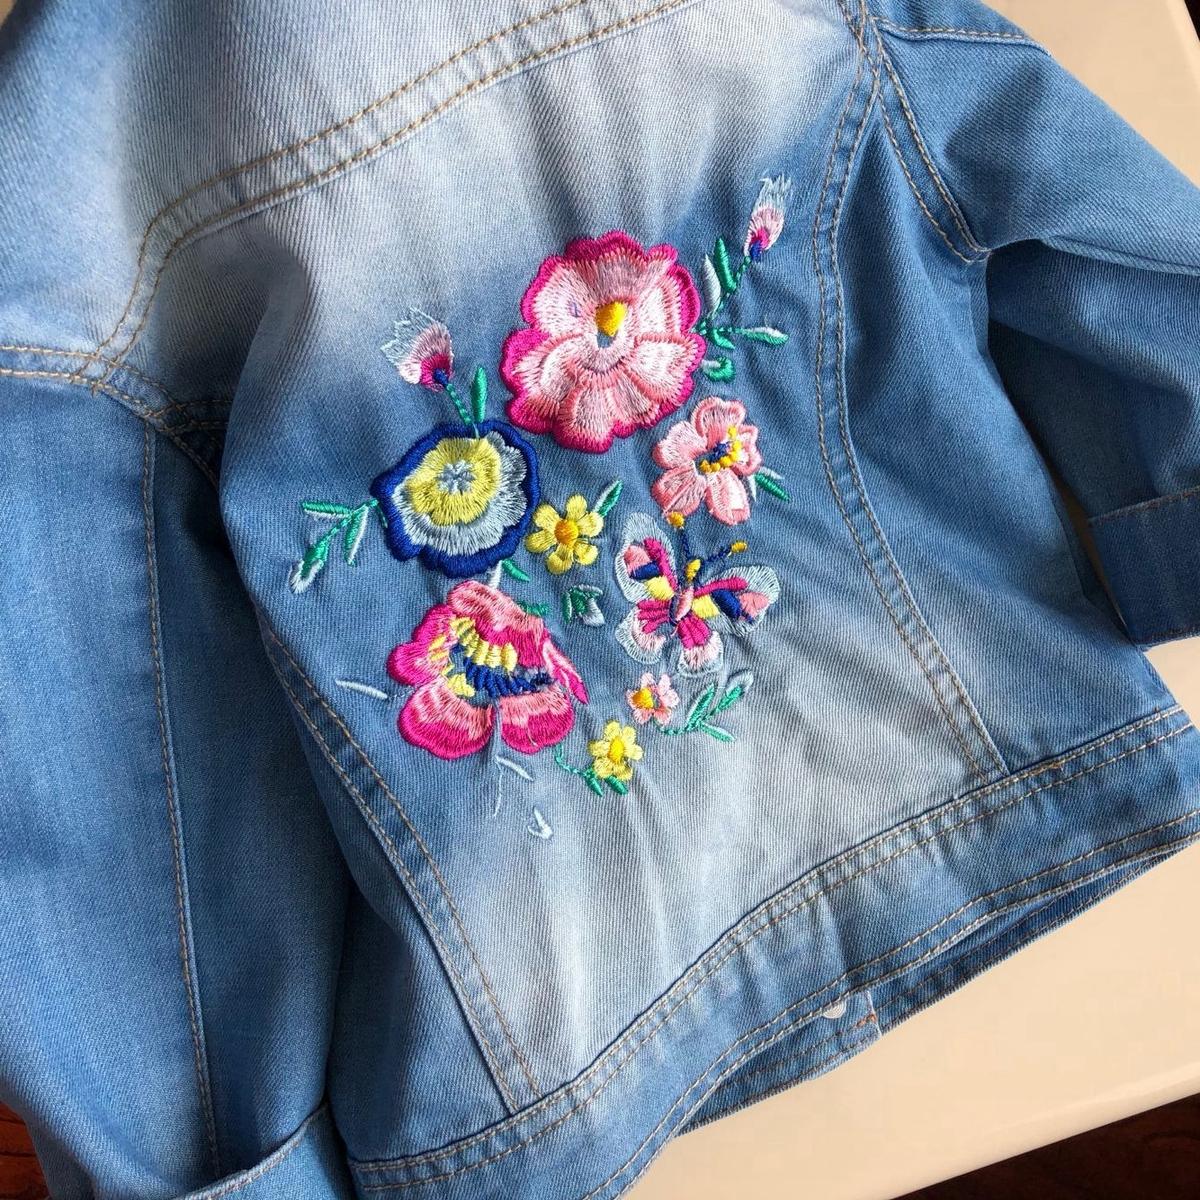 刺绣花朵女童外套秋季新款牛仔上衣宝宝开衫纯棉软牛仔外套